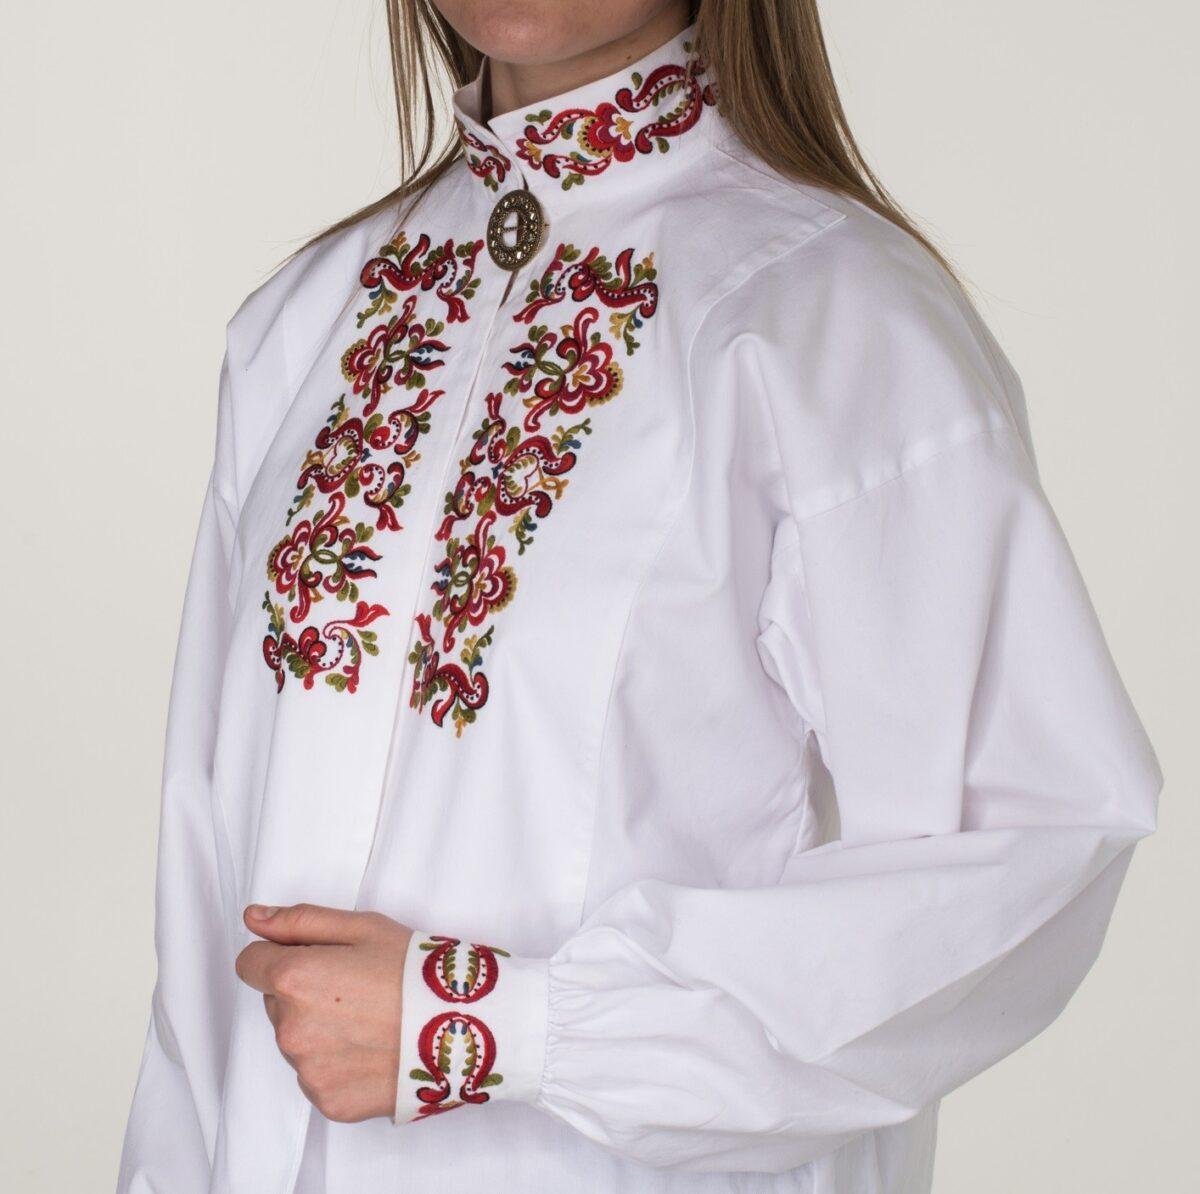 Linskjorter til Beltestakk-486